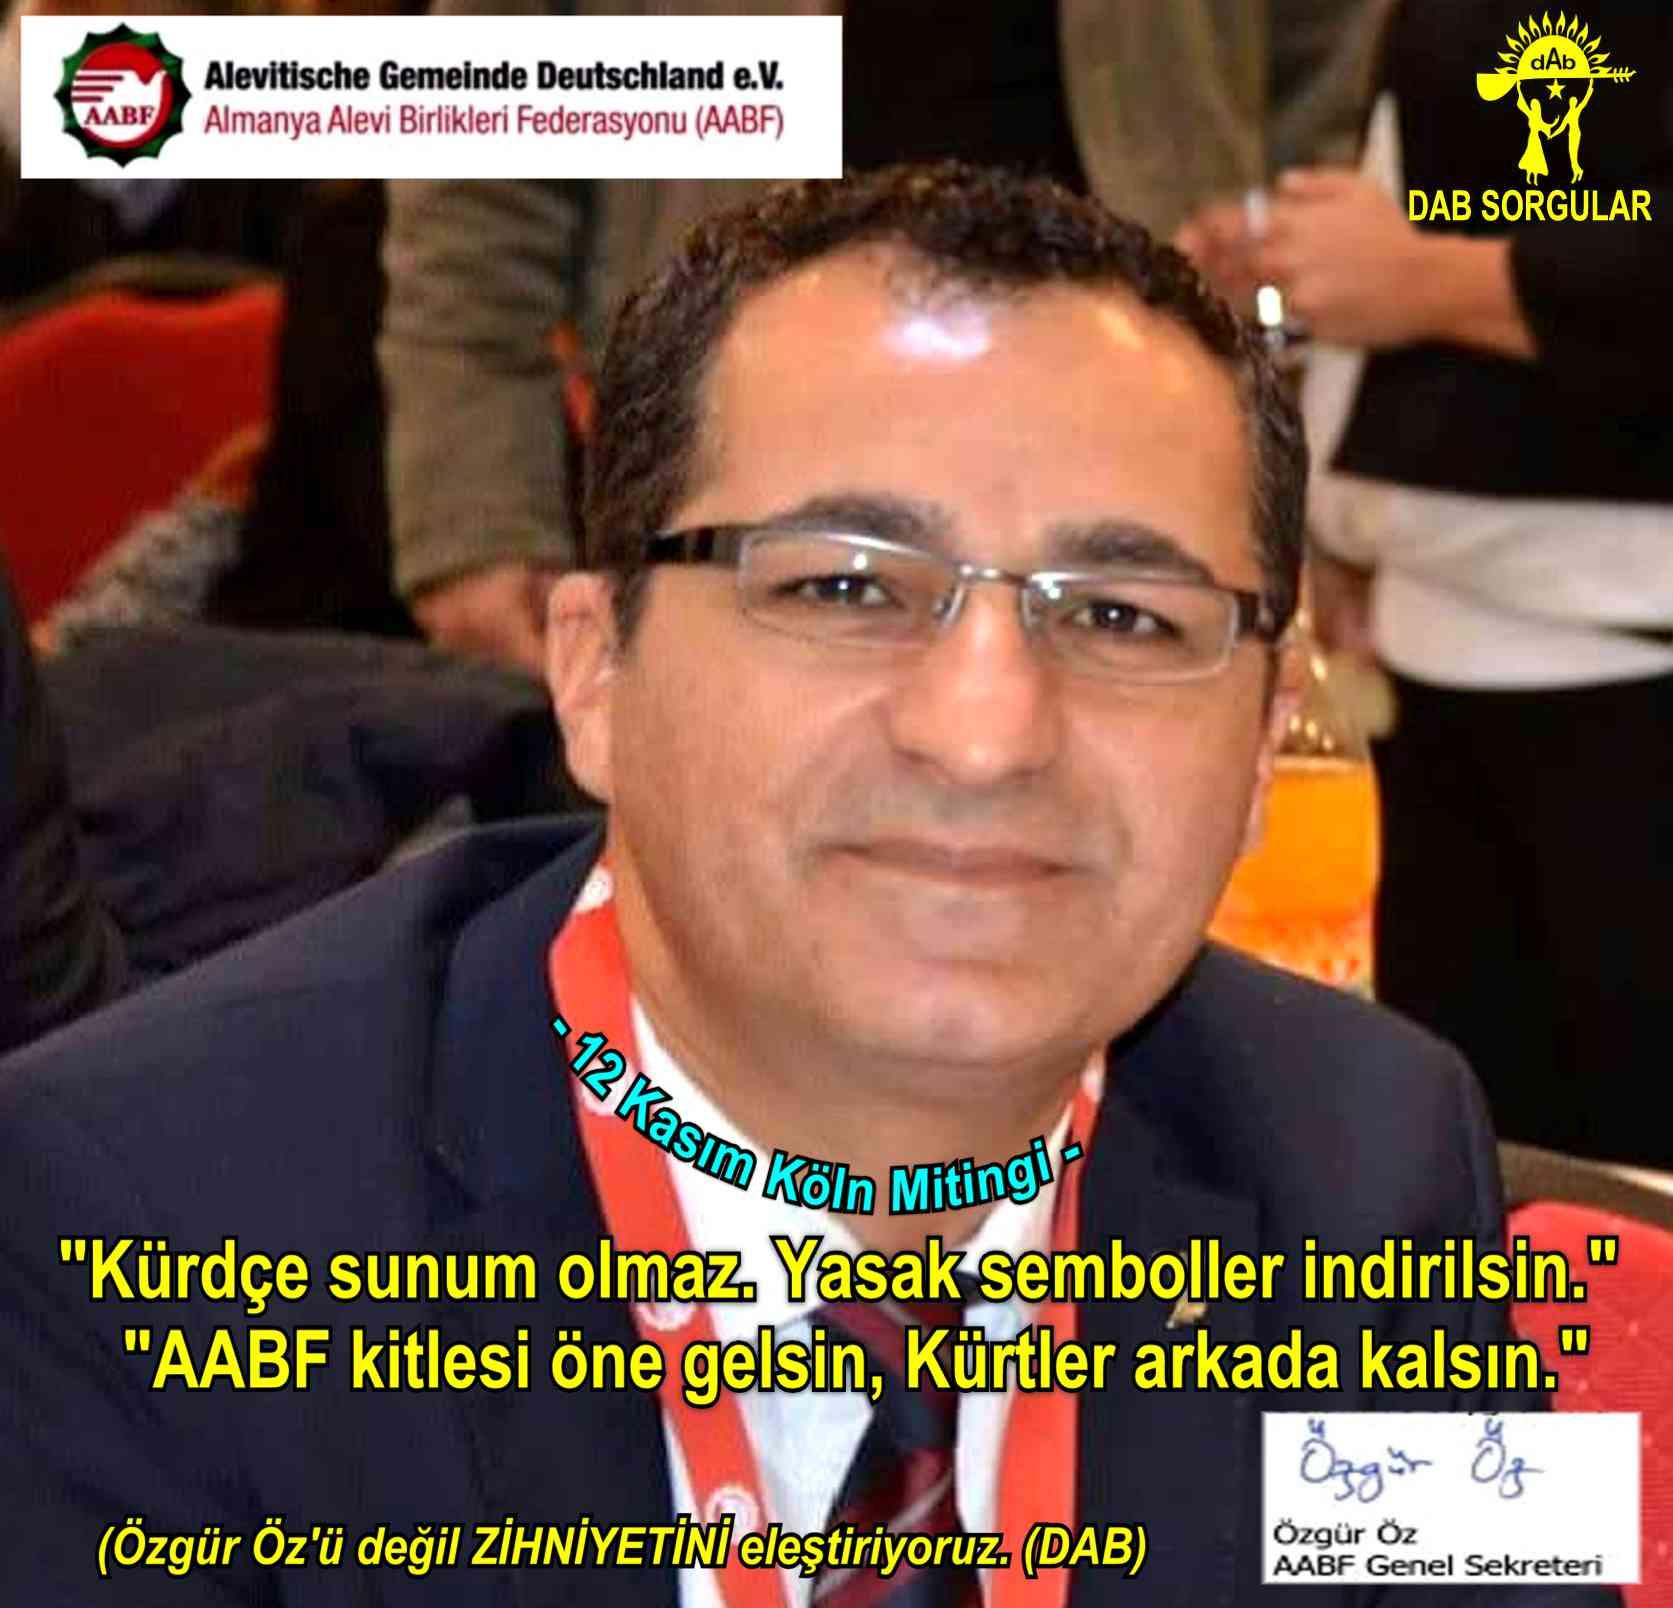 Devrimci Aleviler Birliği DAB Alevi Kızılbaş Bektaşi pir sultan cem hz Ali 12 imam semah Feramuz Şah Acar ozgur oz aabf koln miting